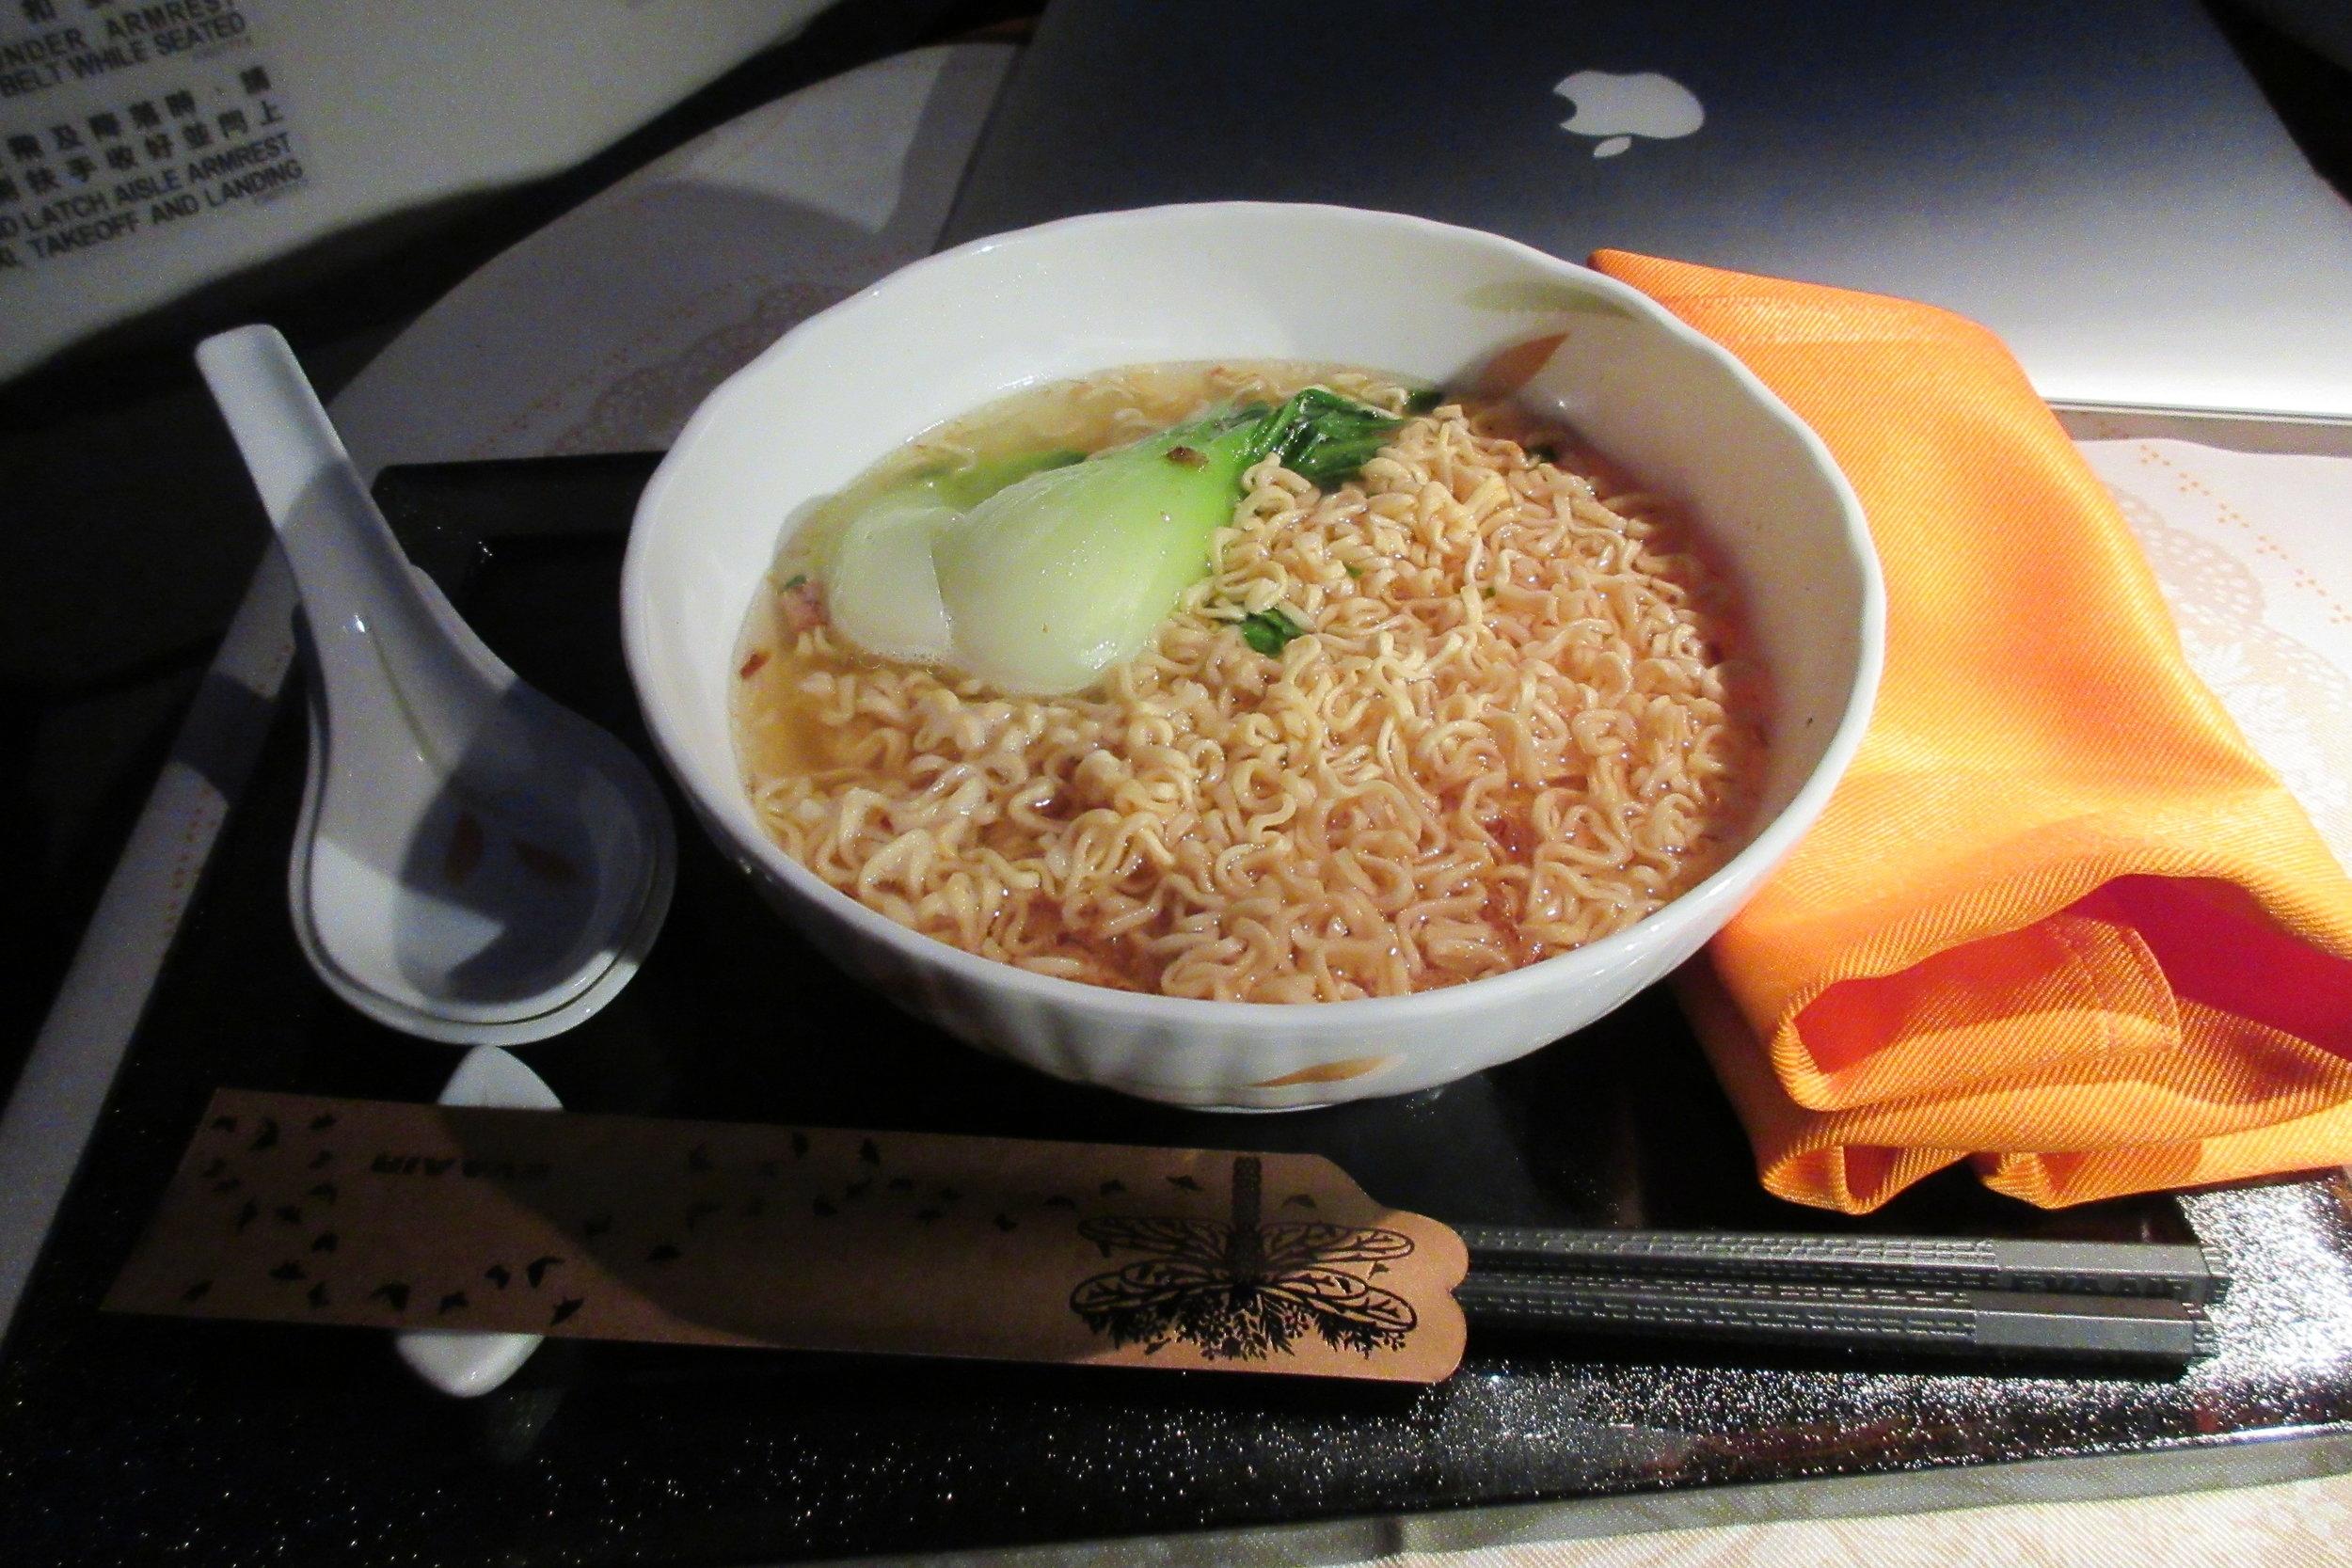 EVA Air business class Toronto to Taipei – Instant noodles